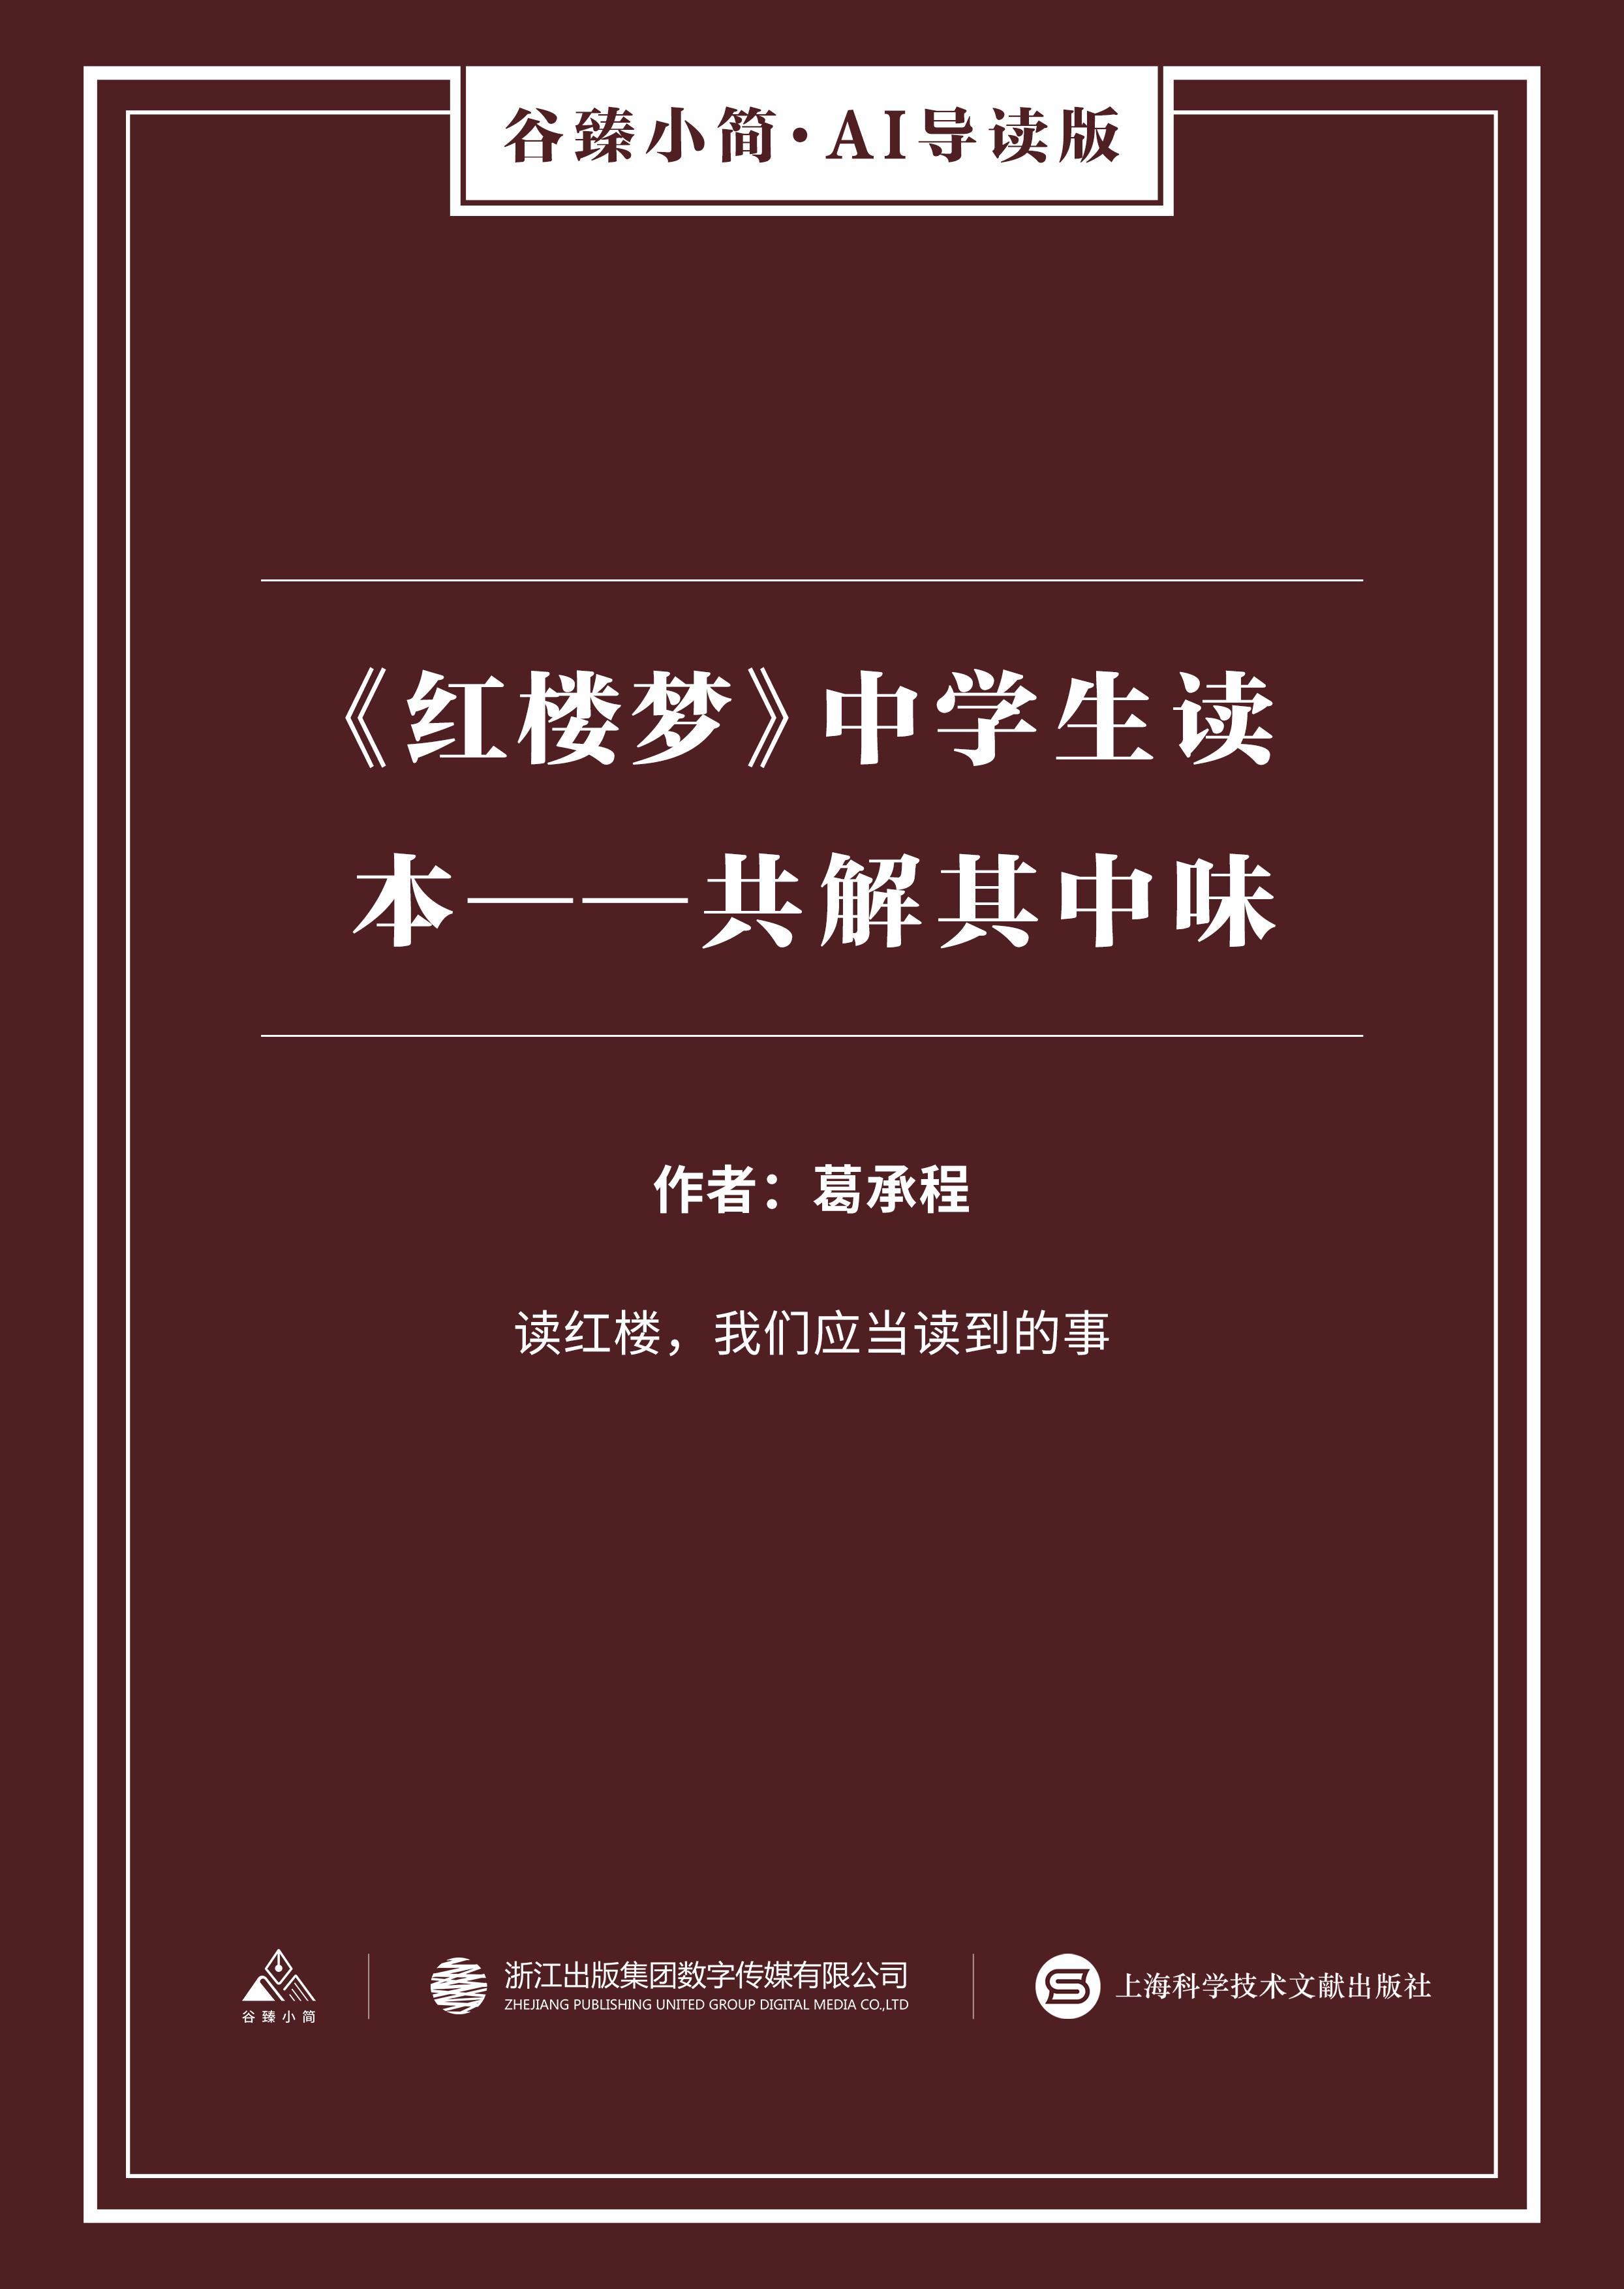 《红楼梦》中学生读本:共解其中味(谷臻小简·AI导读版)